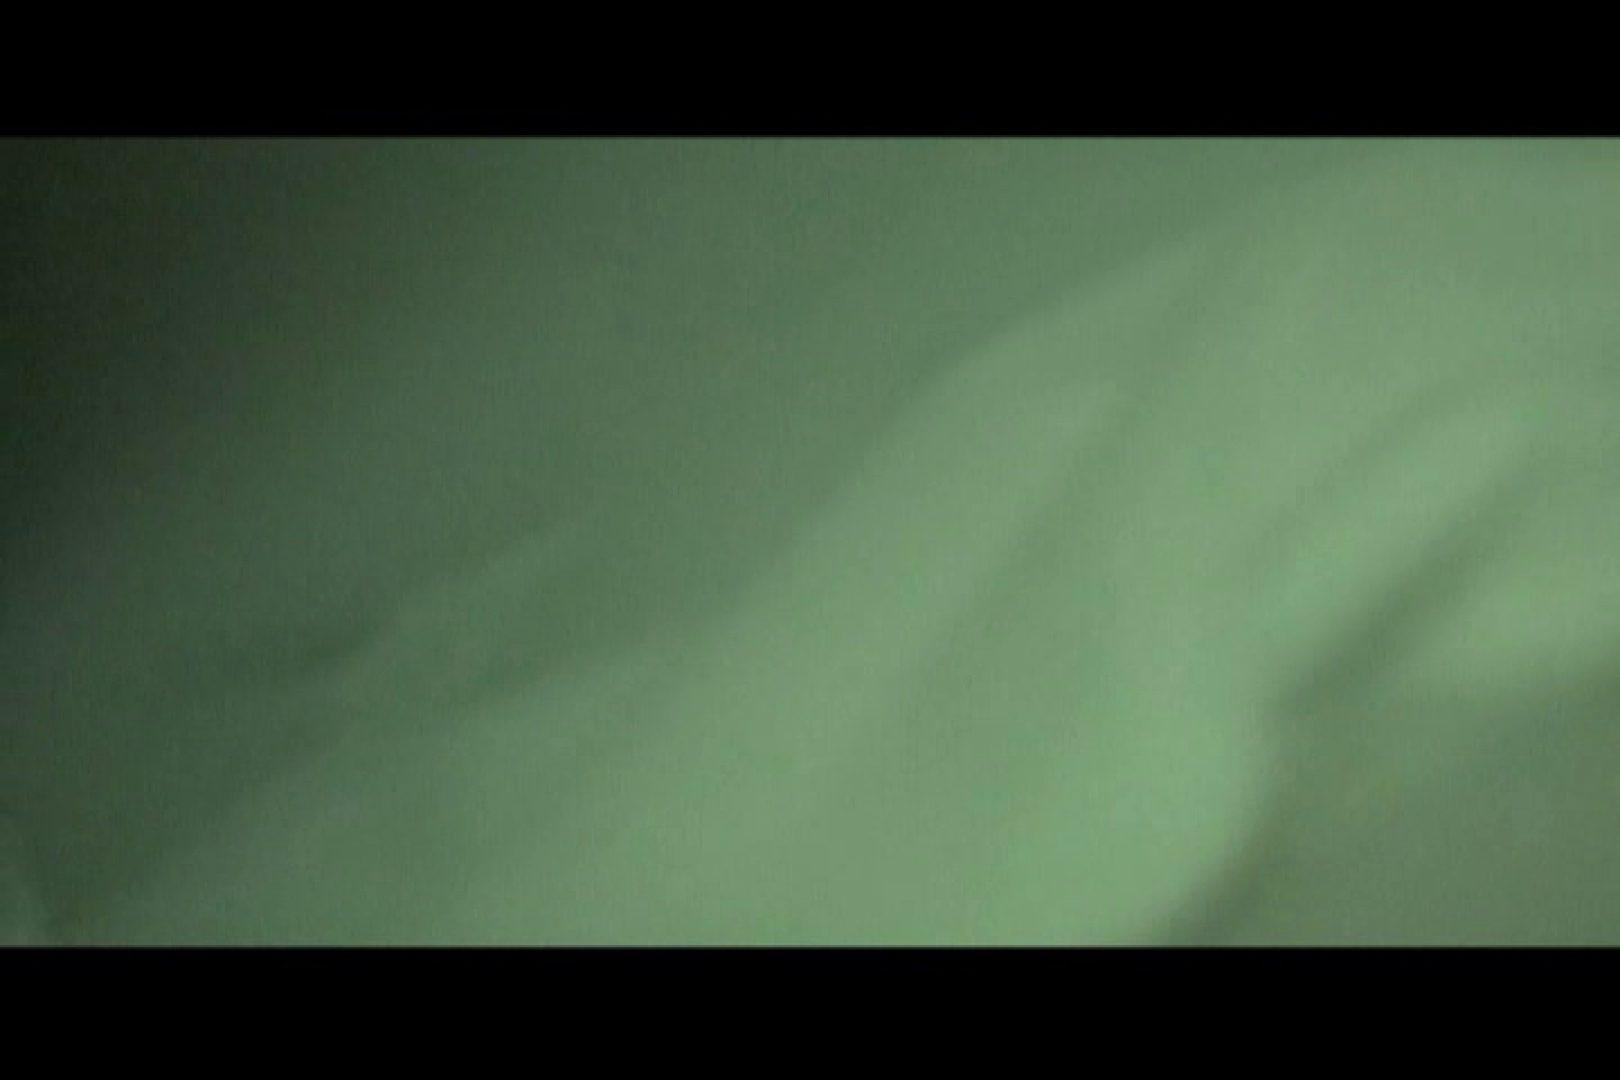 独占配信!無修正! 看護女子寮 vol.11 全裸 オマンコ無修正動画無料 71pic 46